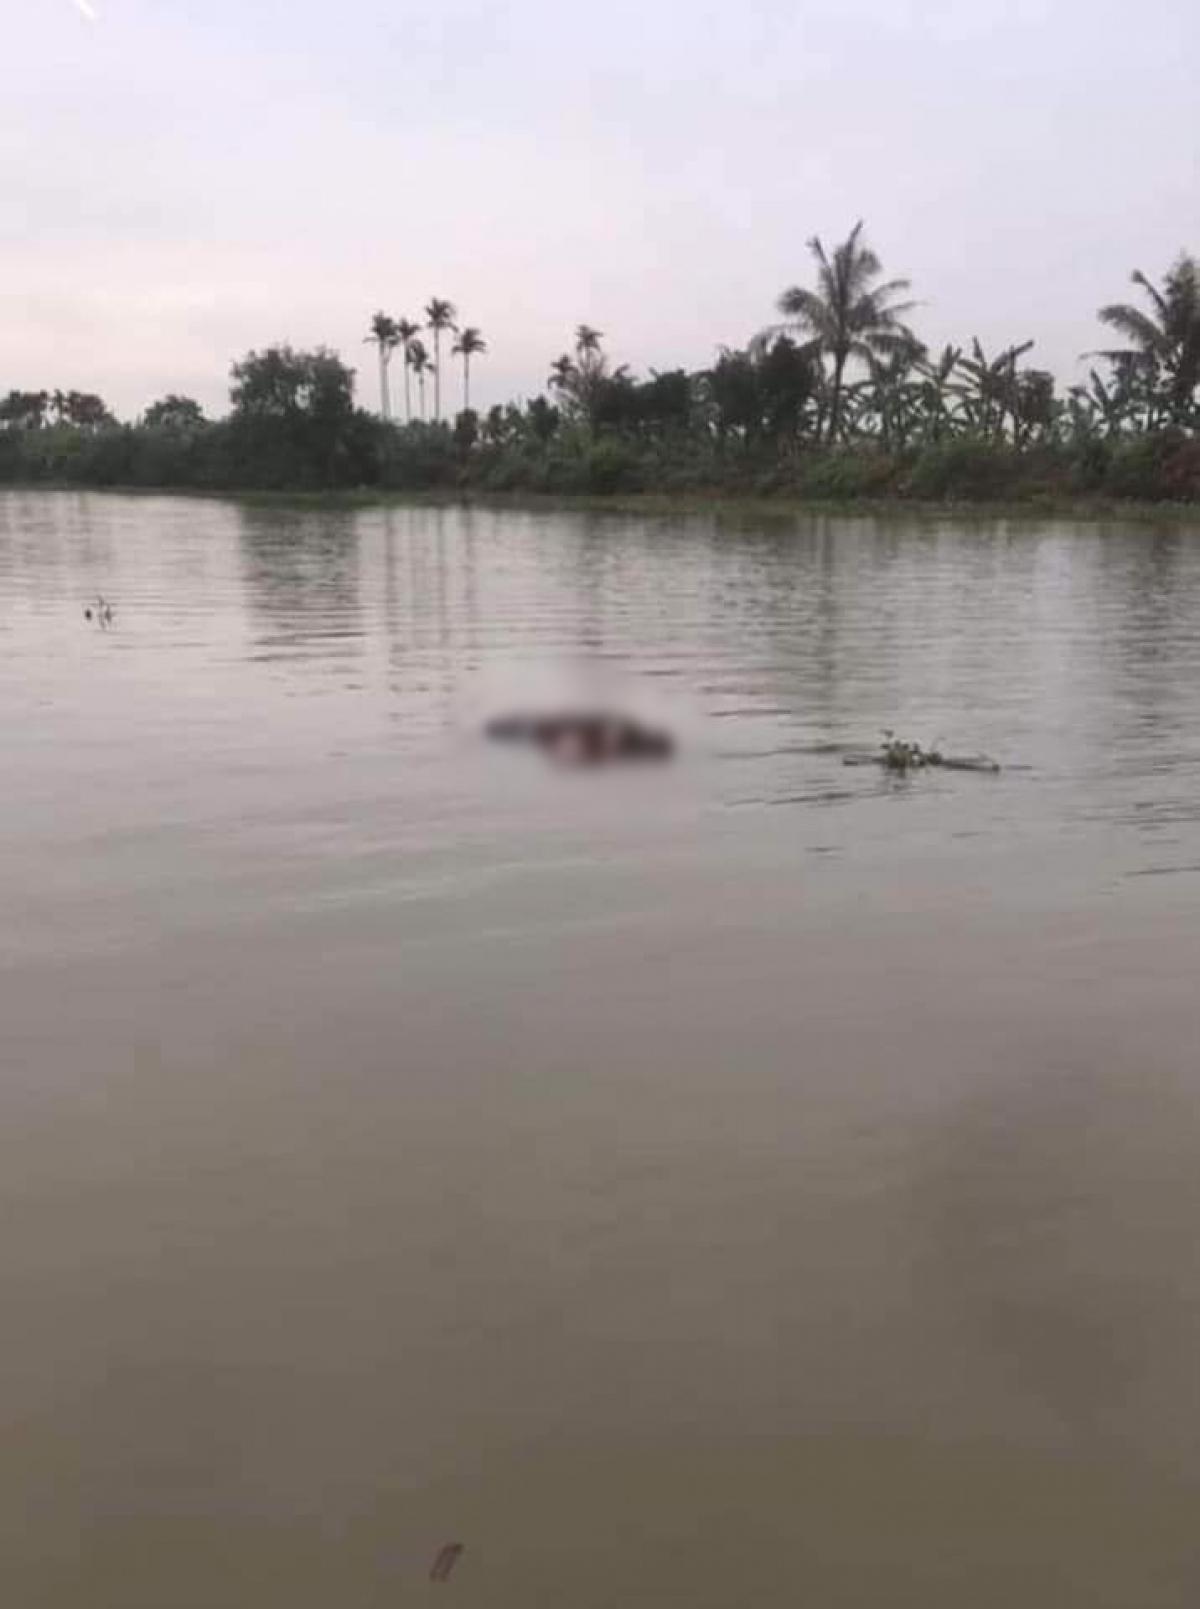 Tìm thấy 1 trong 2 phụ nữ mất tích trong vụ lật thuyền trên sông Văn Úc (Hải Phòng). Ảnh CTV.